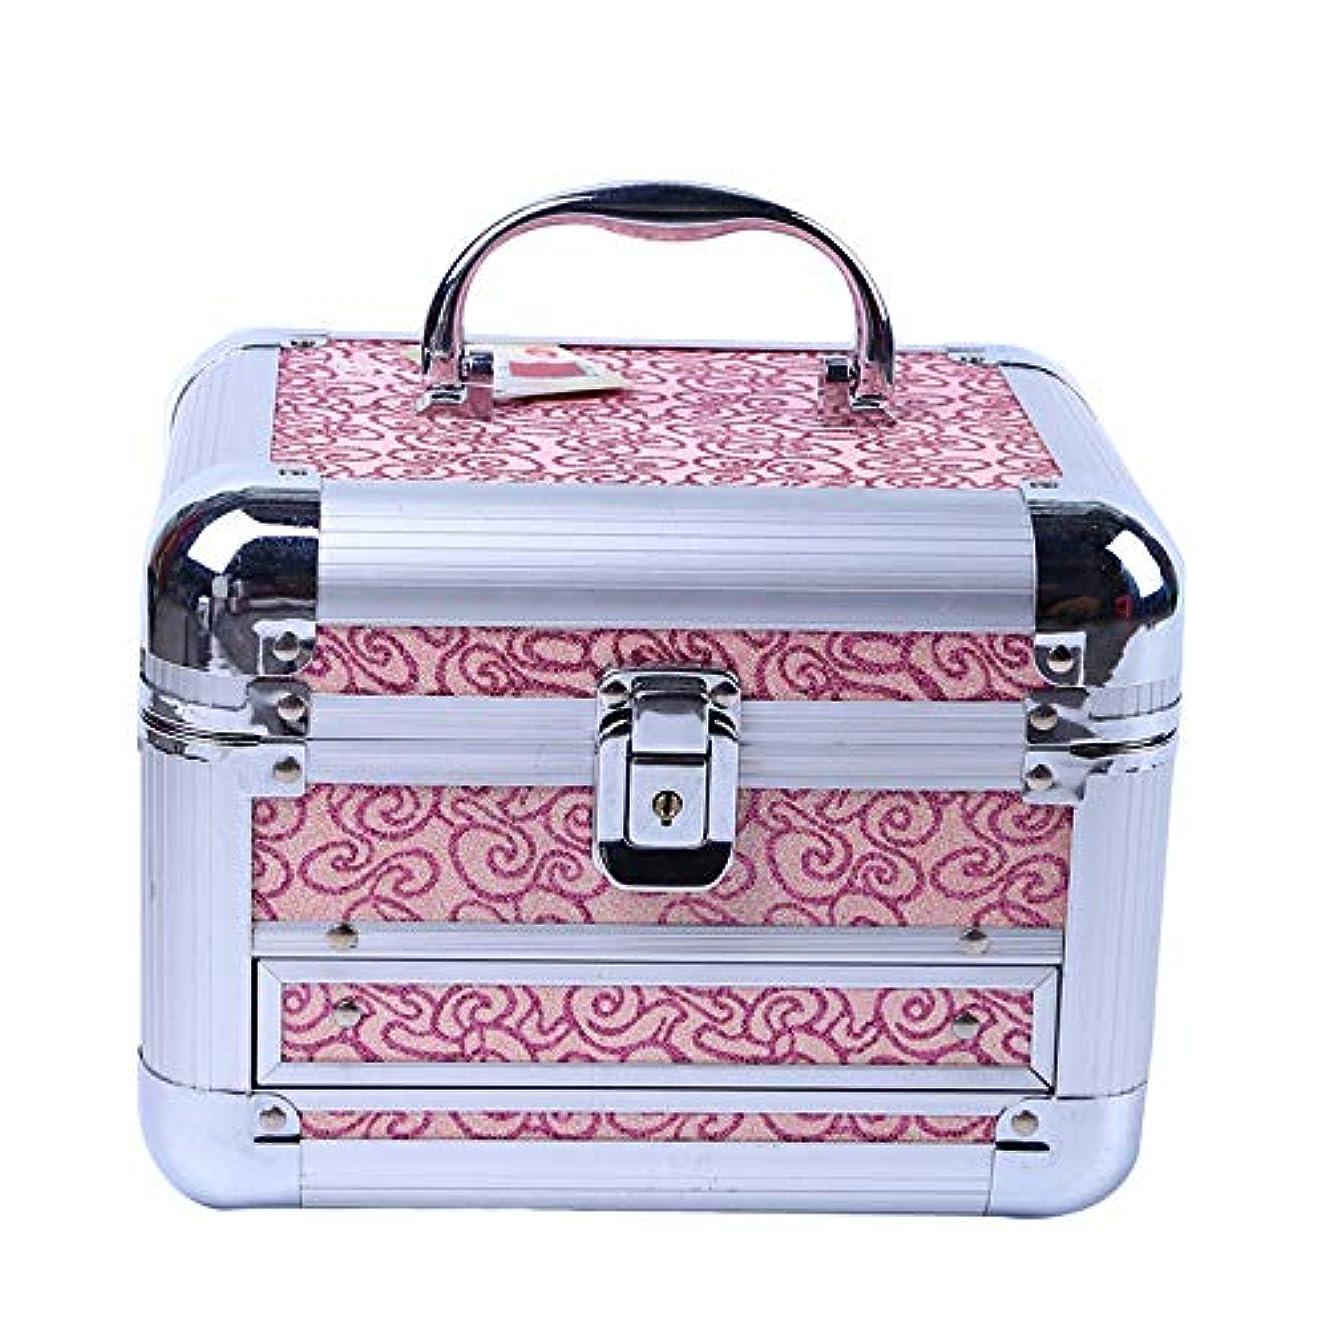 順応性のあるとげトロリー化粧オーガナイザーバッグ 美容メイクアップのための大容量ポータブル化粧ケース、女子女性のための化粧鏡と折り畳みトレイと旅行と毎日のストレージ 化粧品ケース